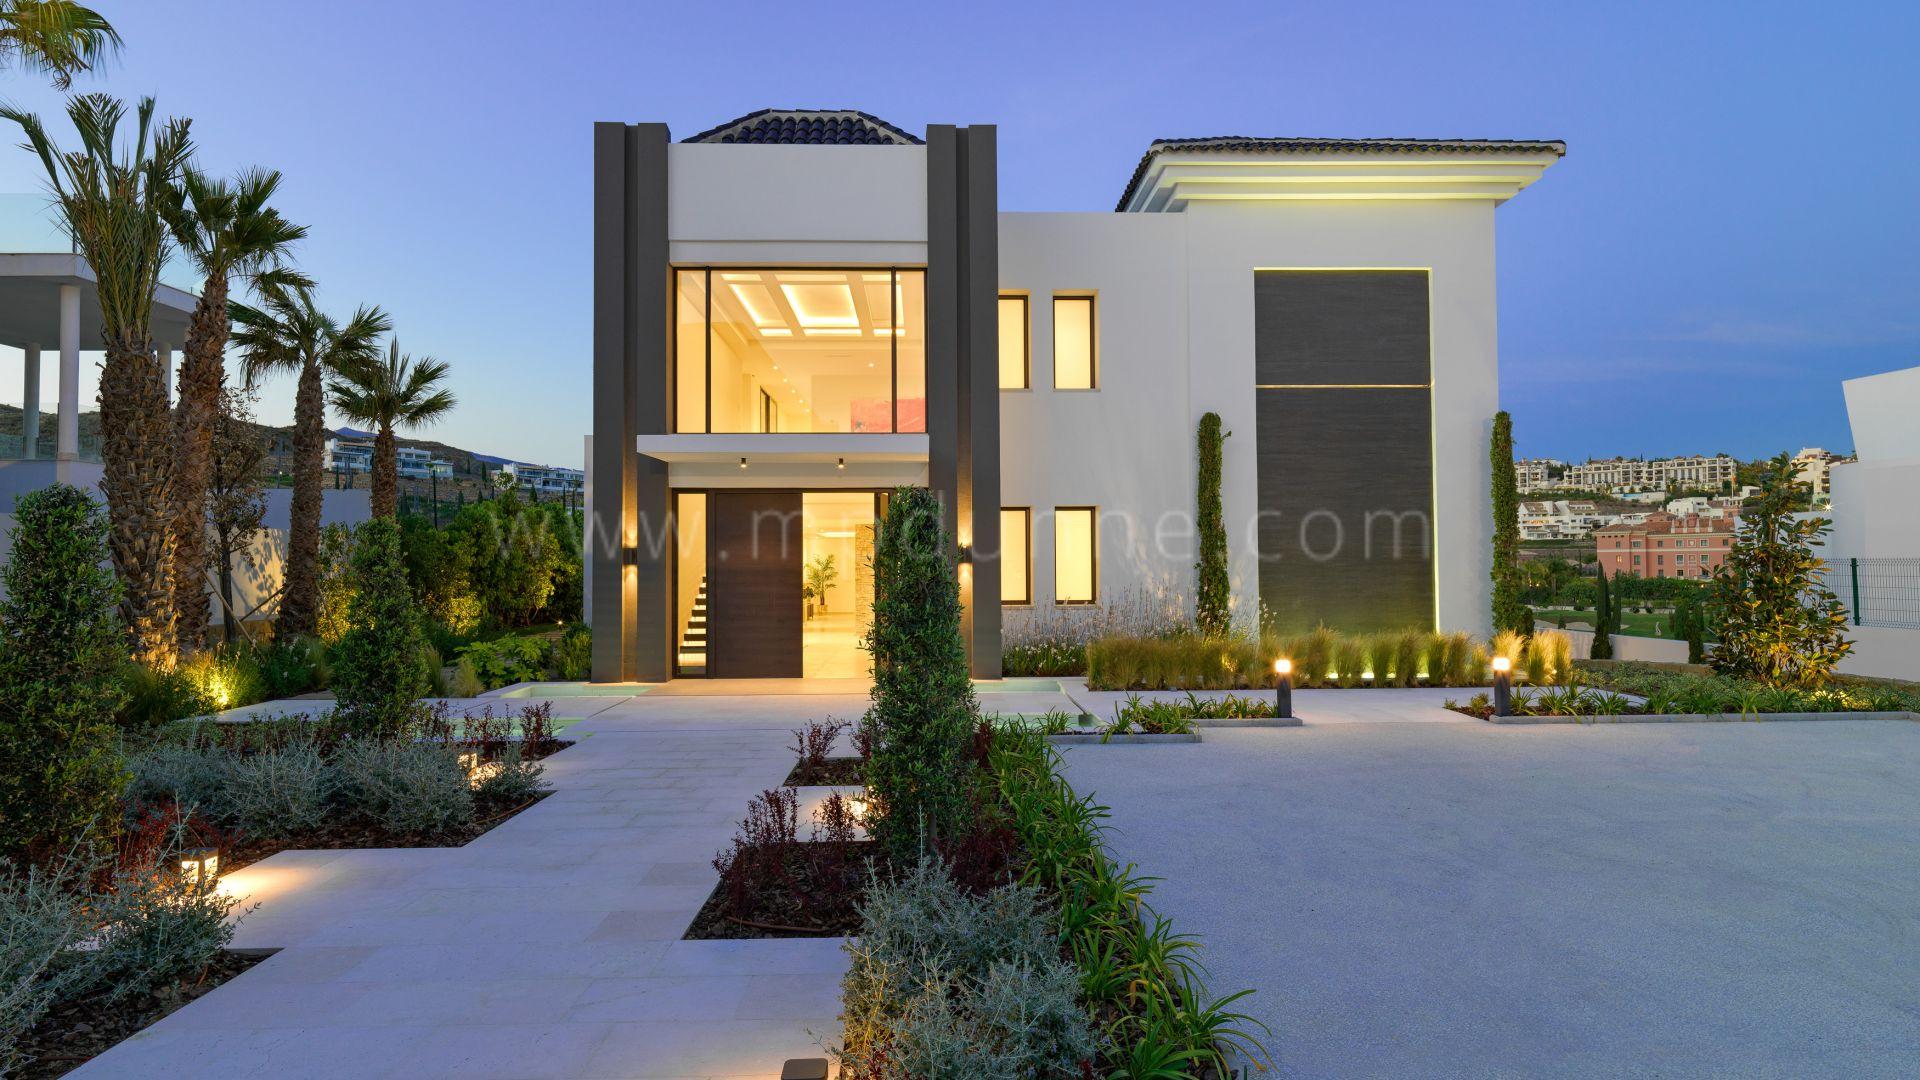 Five Bedroom Villa In Los Flamingos Resort With Golf Views